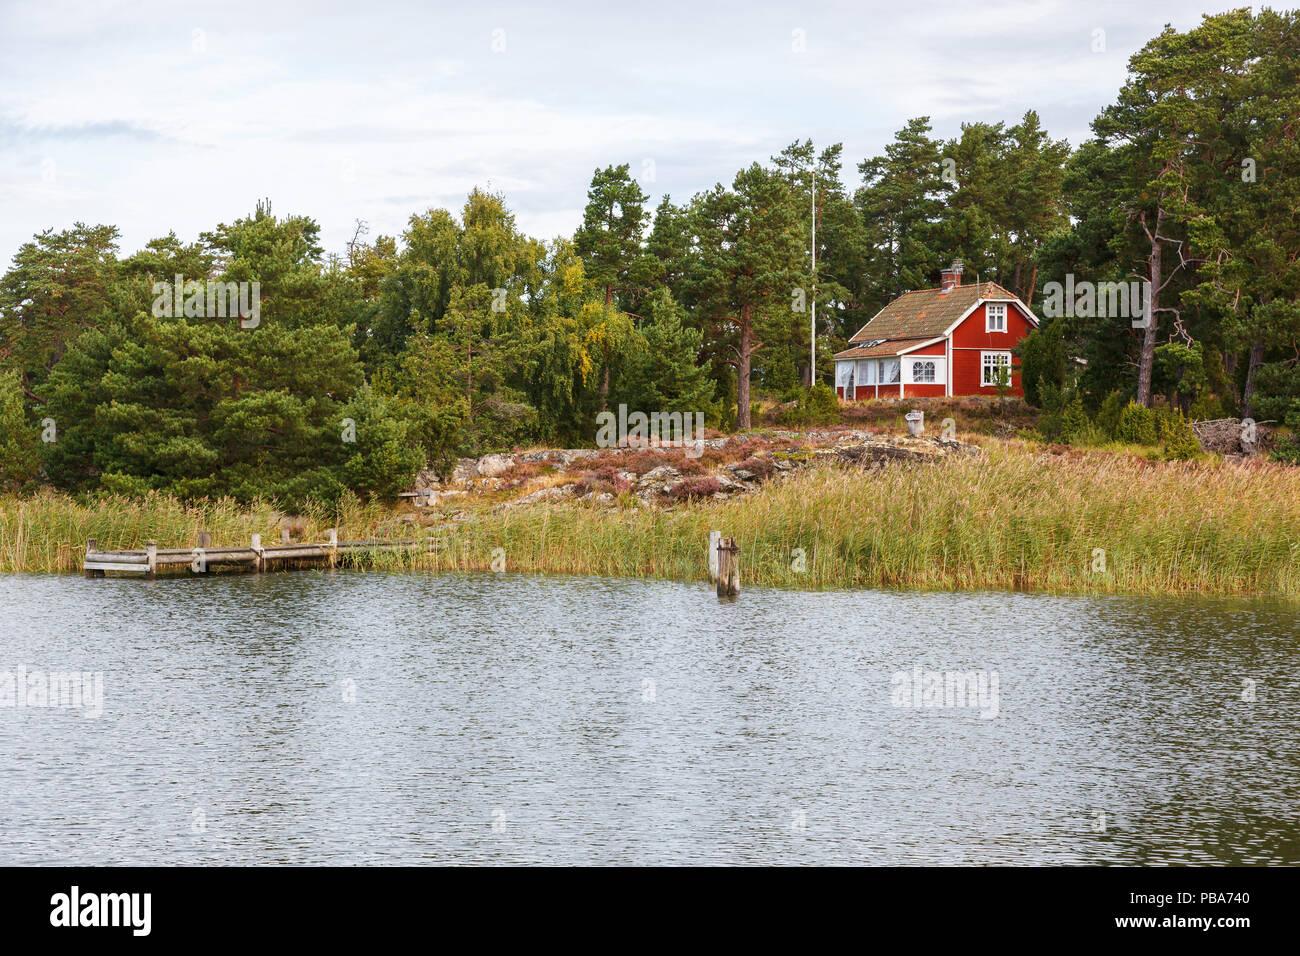 Roten Häuschen am Strand mit Steg Stockfoto, Bild: 213510752 ...